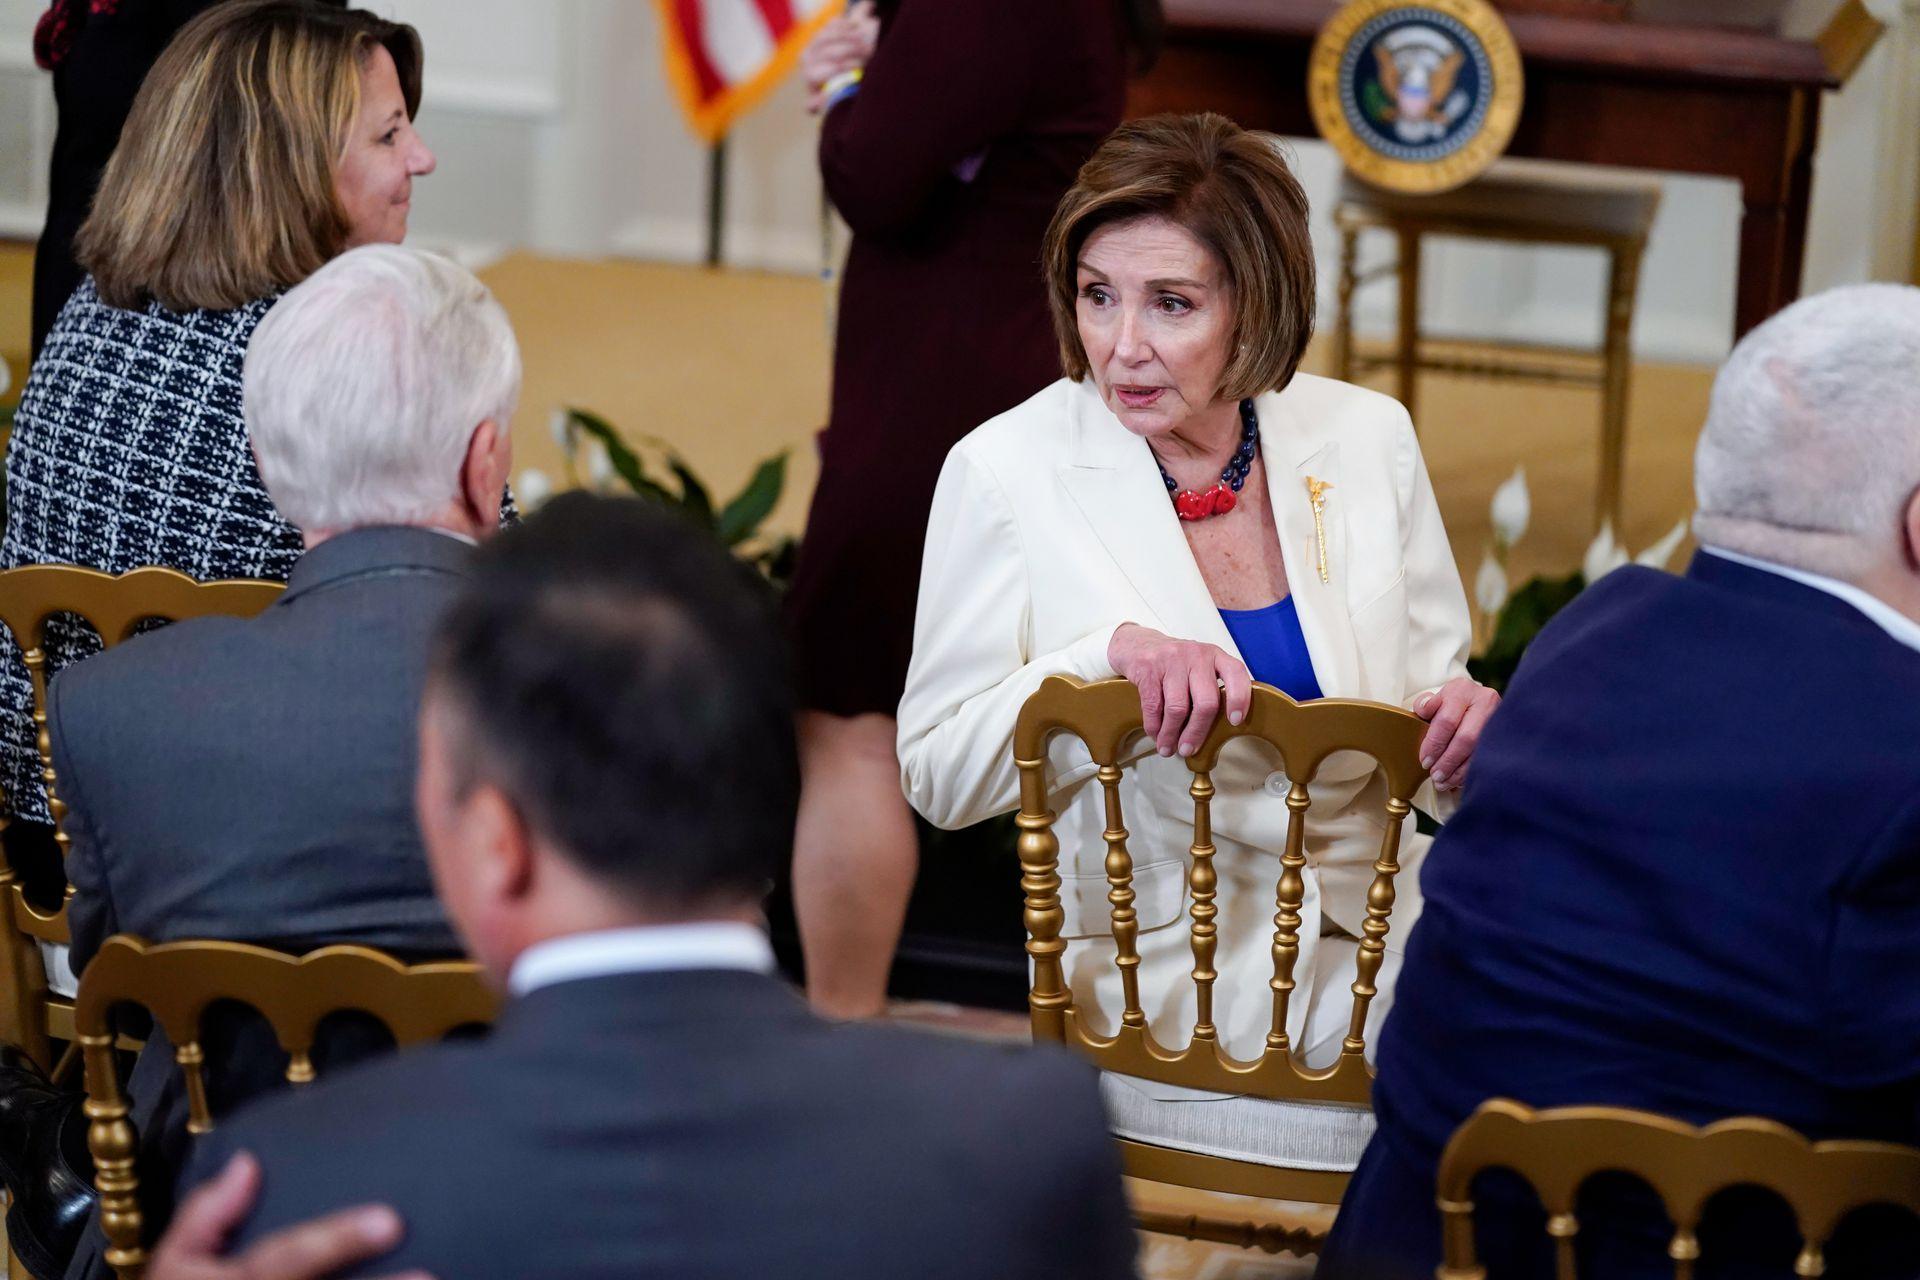 傳美國眾議院議長Pelosi及其高級發言人等確診新冠